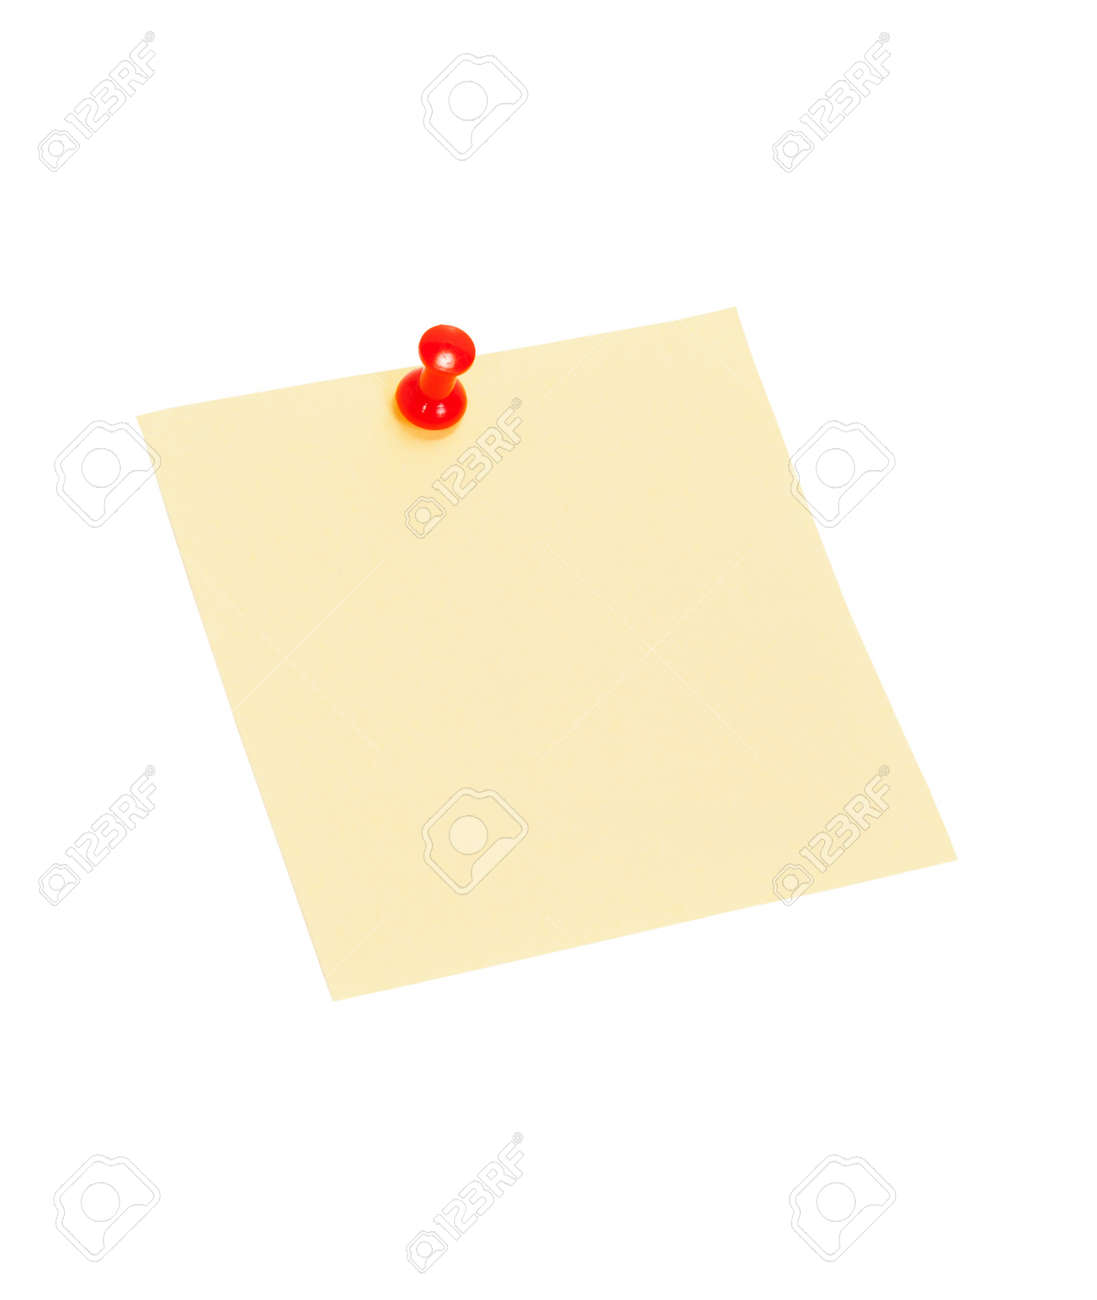 Feuille jaune pour les notes bouton épinglé isolé sur fond blanc